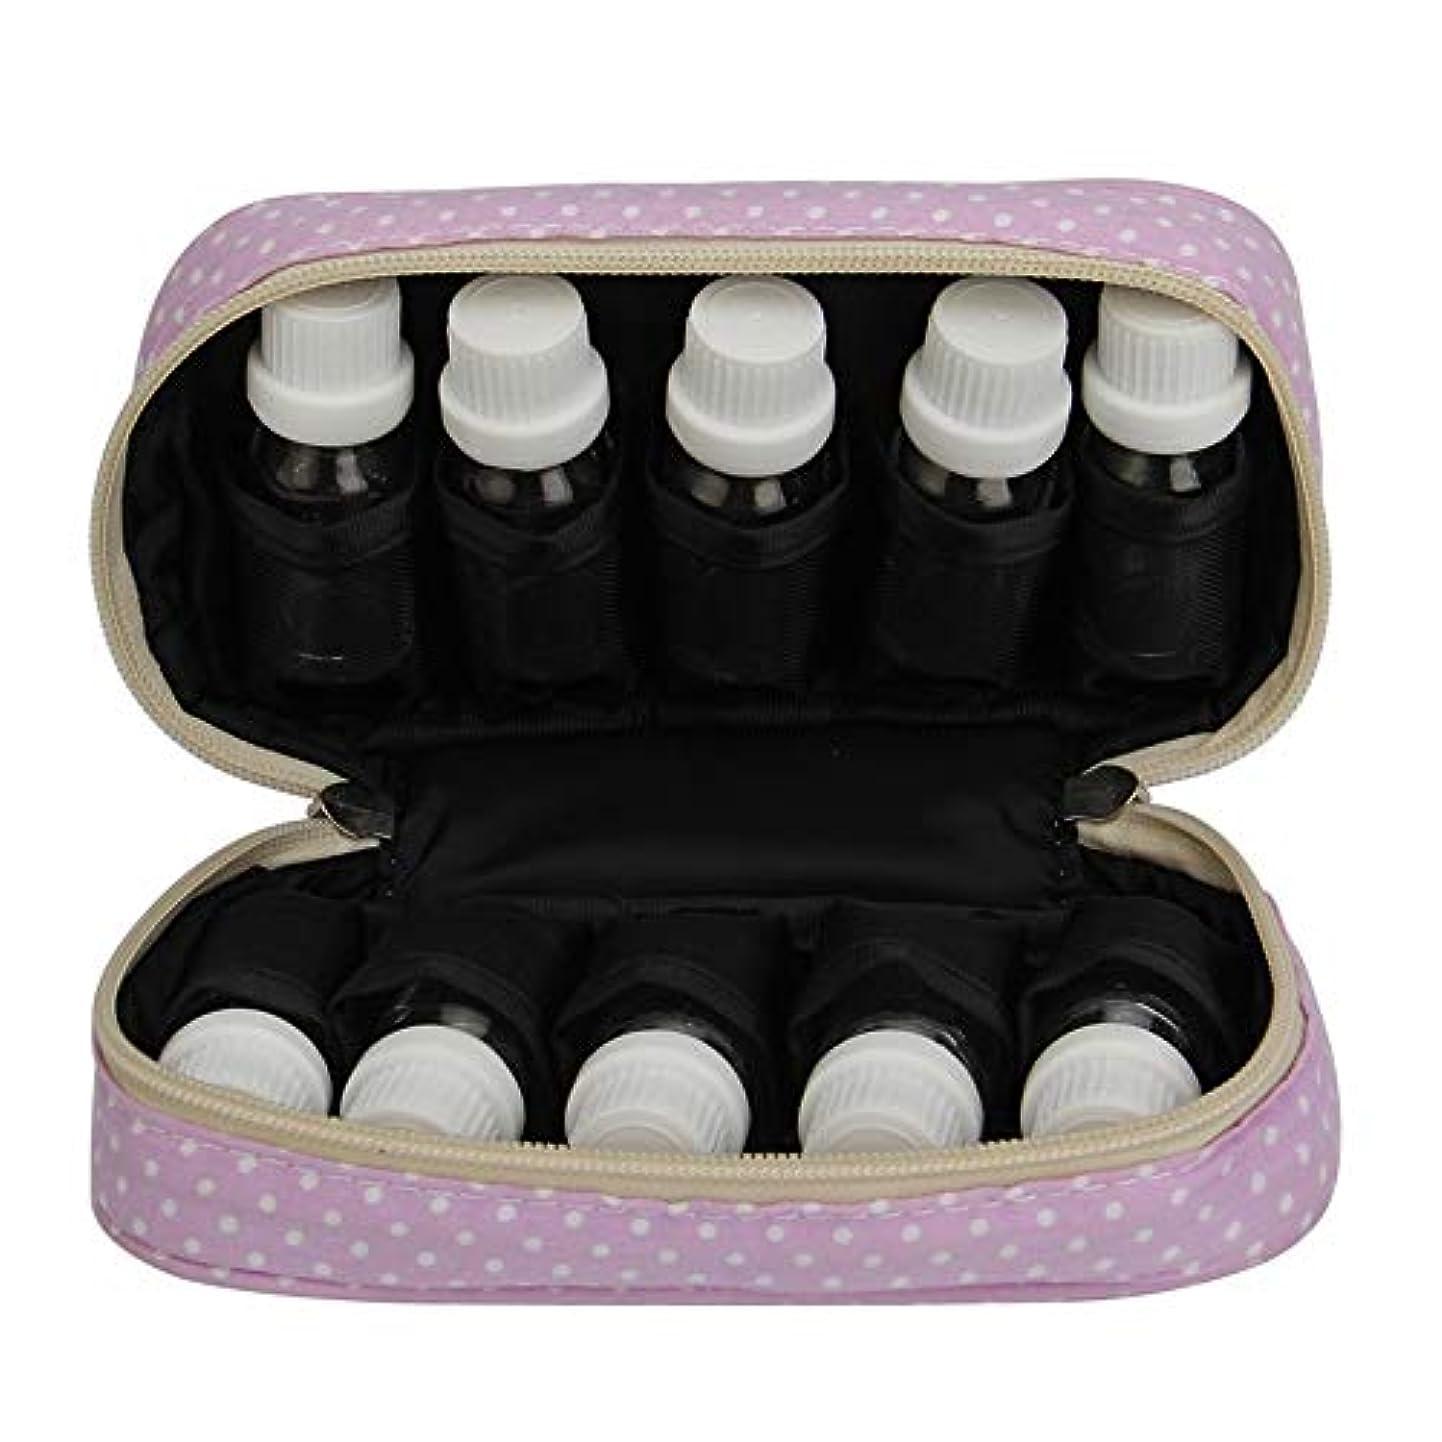 クライストチャーチレシピ目覚める精油ケース エッセンシャルオイルキャリングケースは、10本のボトル10-15MLトラベルオーガナイザーポーチバッグパープルを開催します 携帯便利 (色 : 紫の, サイズ : 18.5X11X5CM)